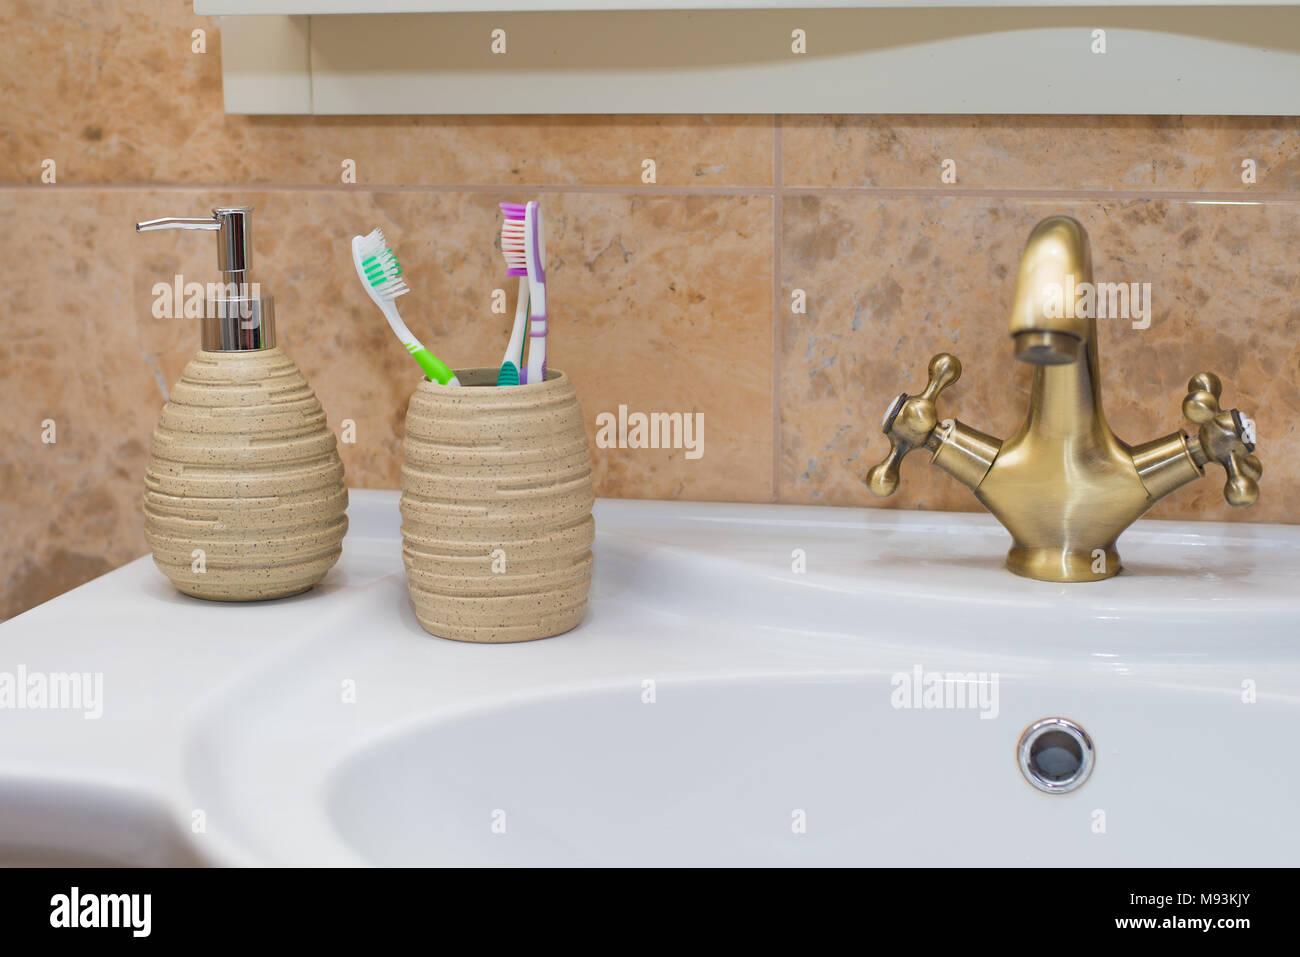 Pumpe Glasflasche Mit Flussiger Seife Auf Holz Fach In Einem Badezimmer Und Gelbe Blume Pflanzen Dekorieren Im Hintergrund Vintage Style Stockfotografie Alamy